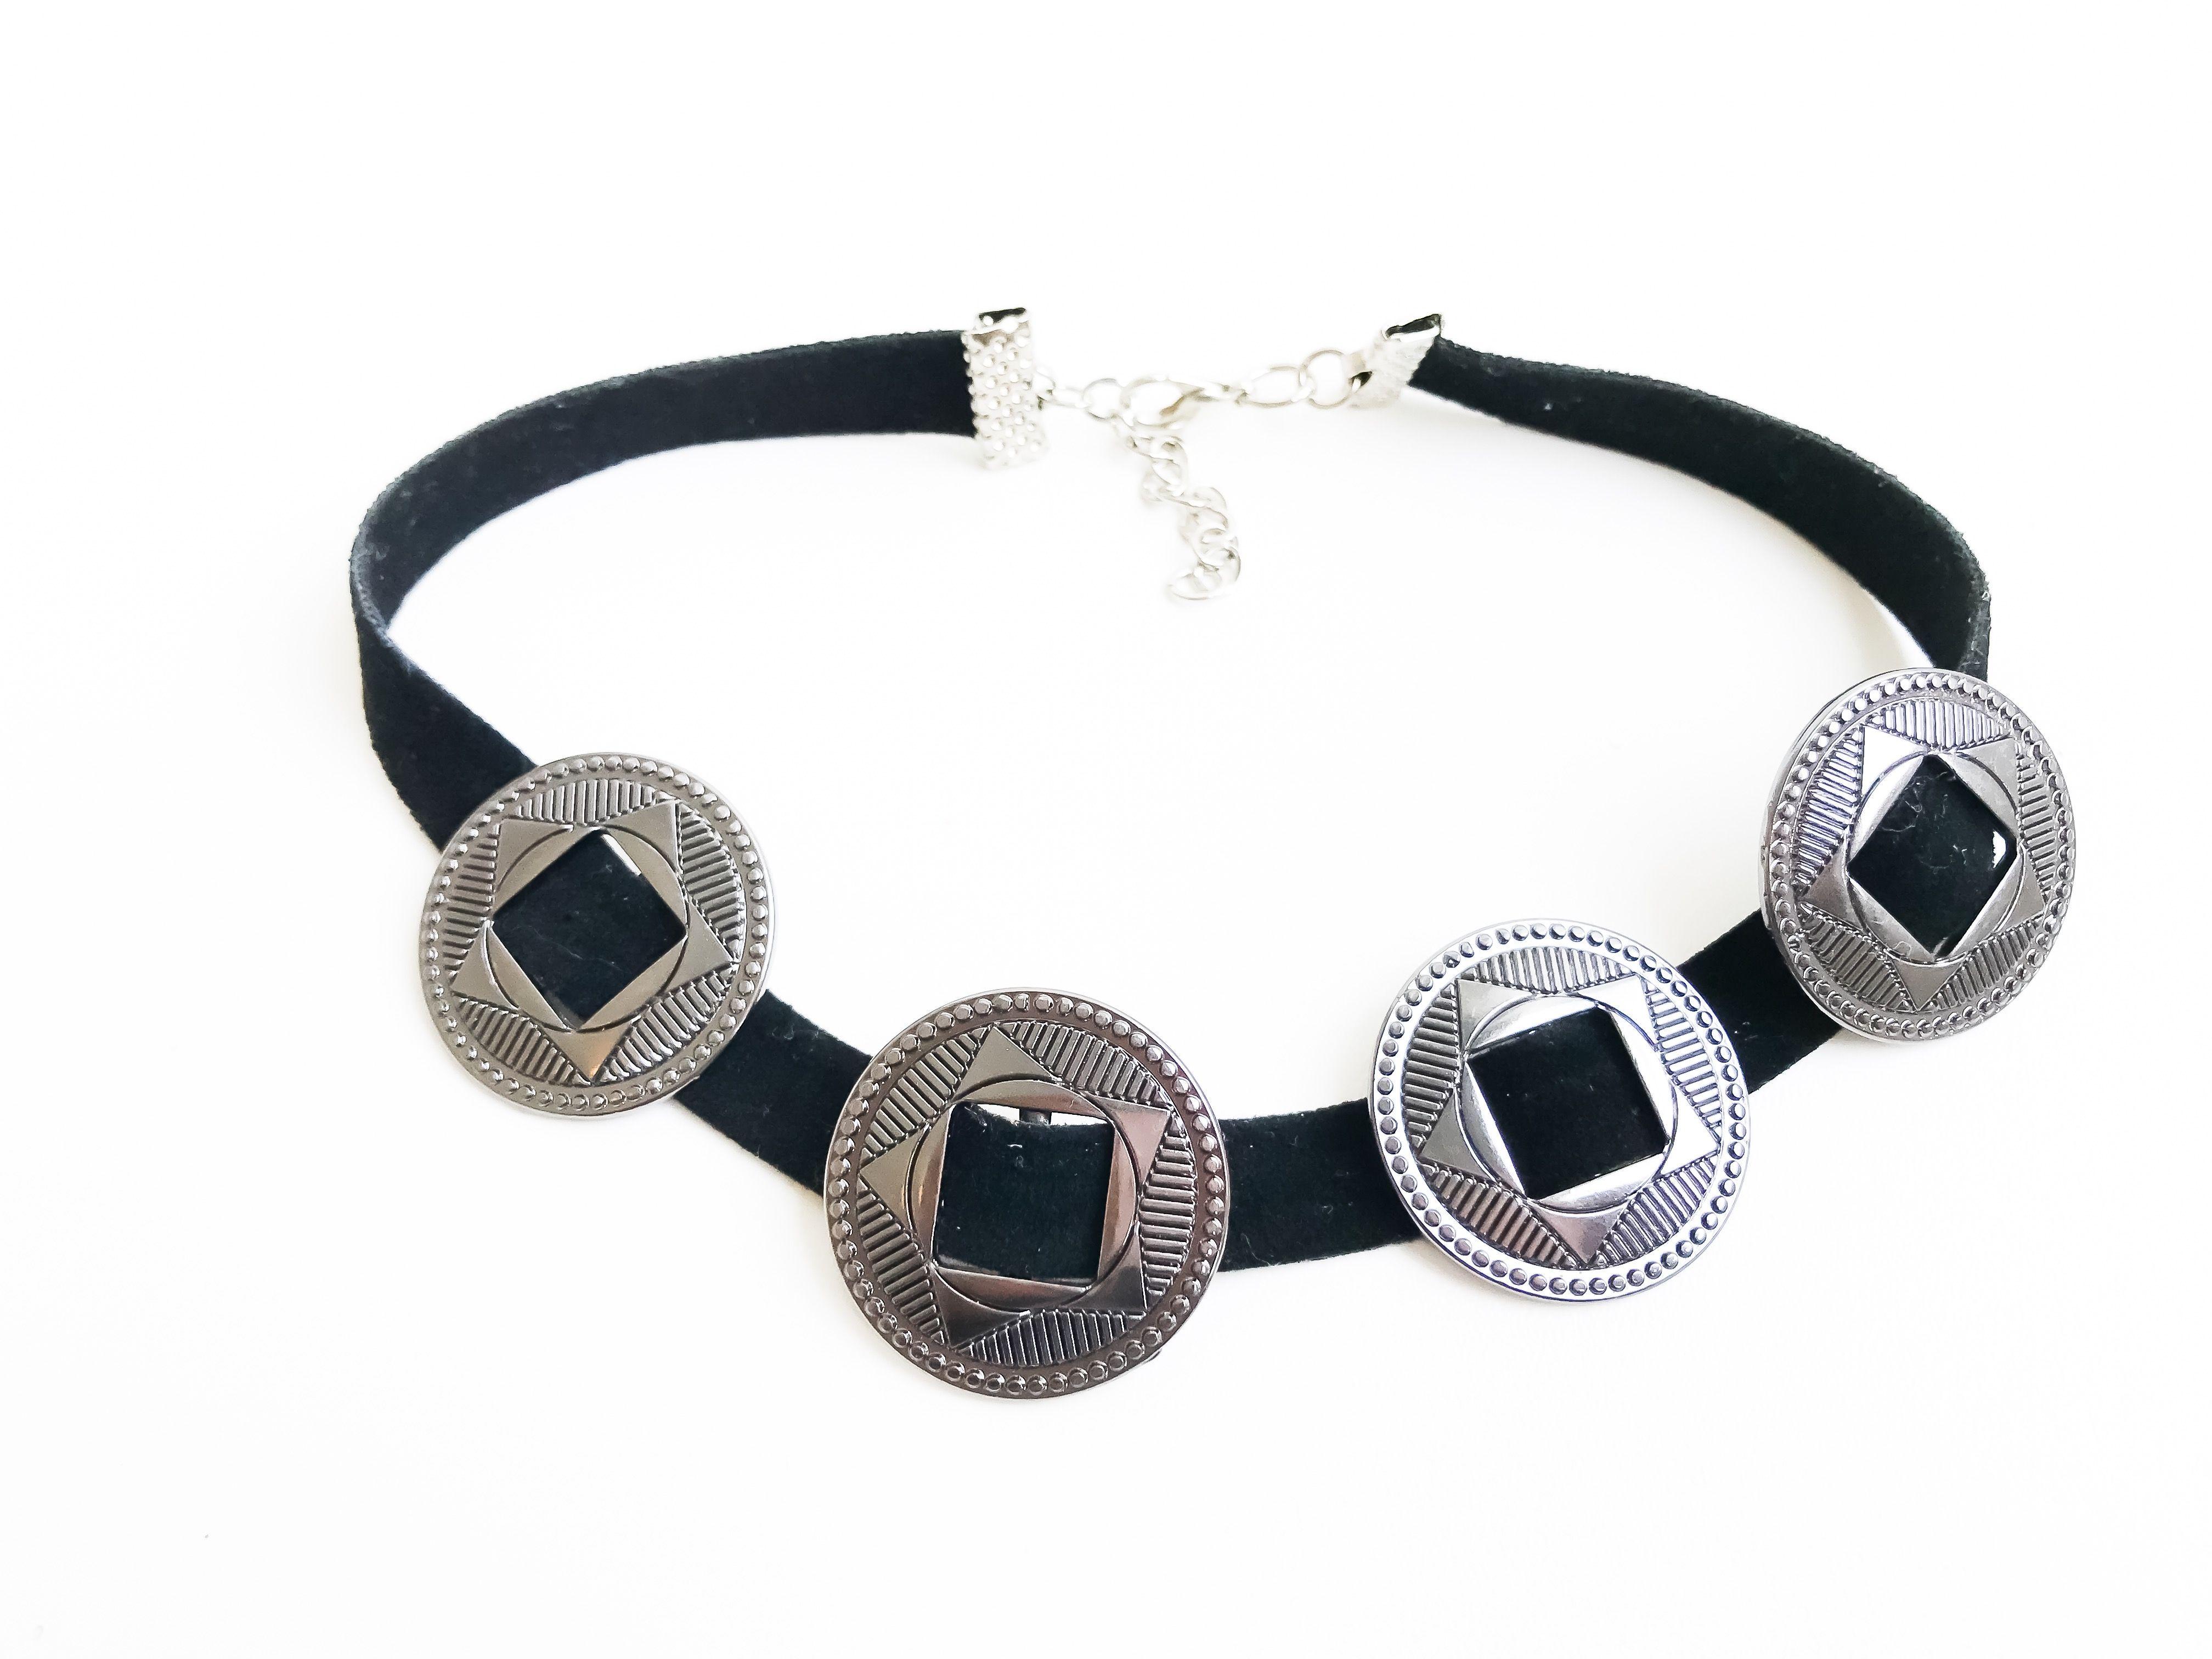 Choker dream  Adquira em nosso site Www.cariocadasgemasacessorios.iluria.com ------------------------- Acessórios,chokers,colares,gargantilhas,tendência ,inverno,Winter,bijoux,atacado